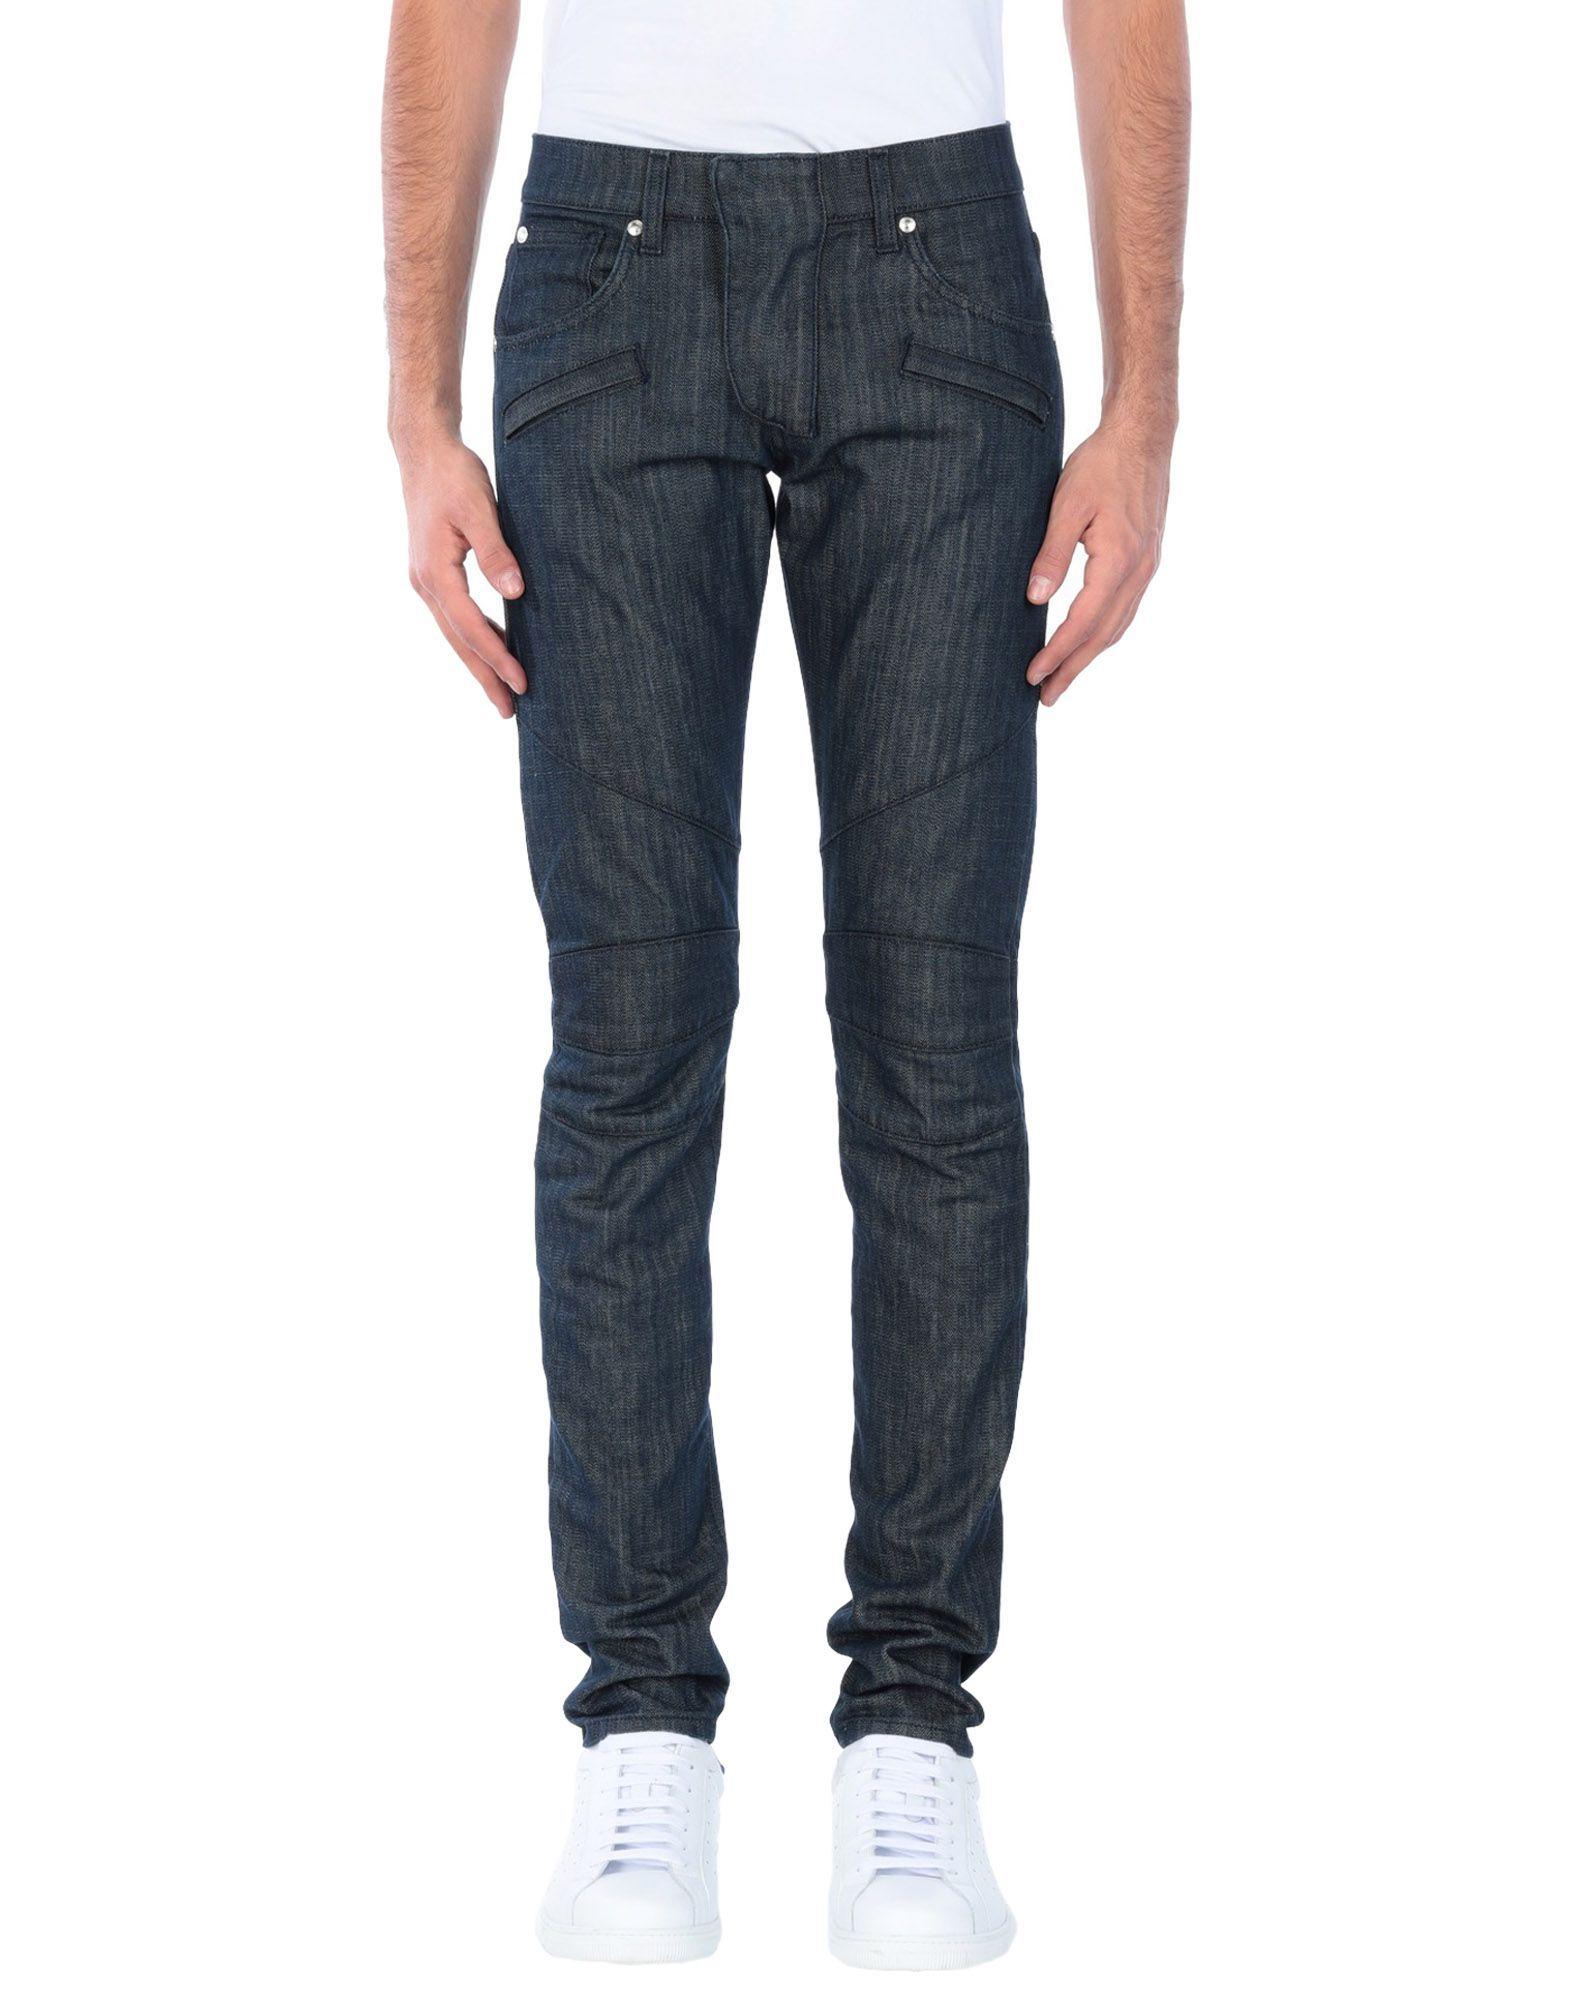 Pierre Balmain Blue Cotton Jeans